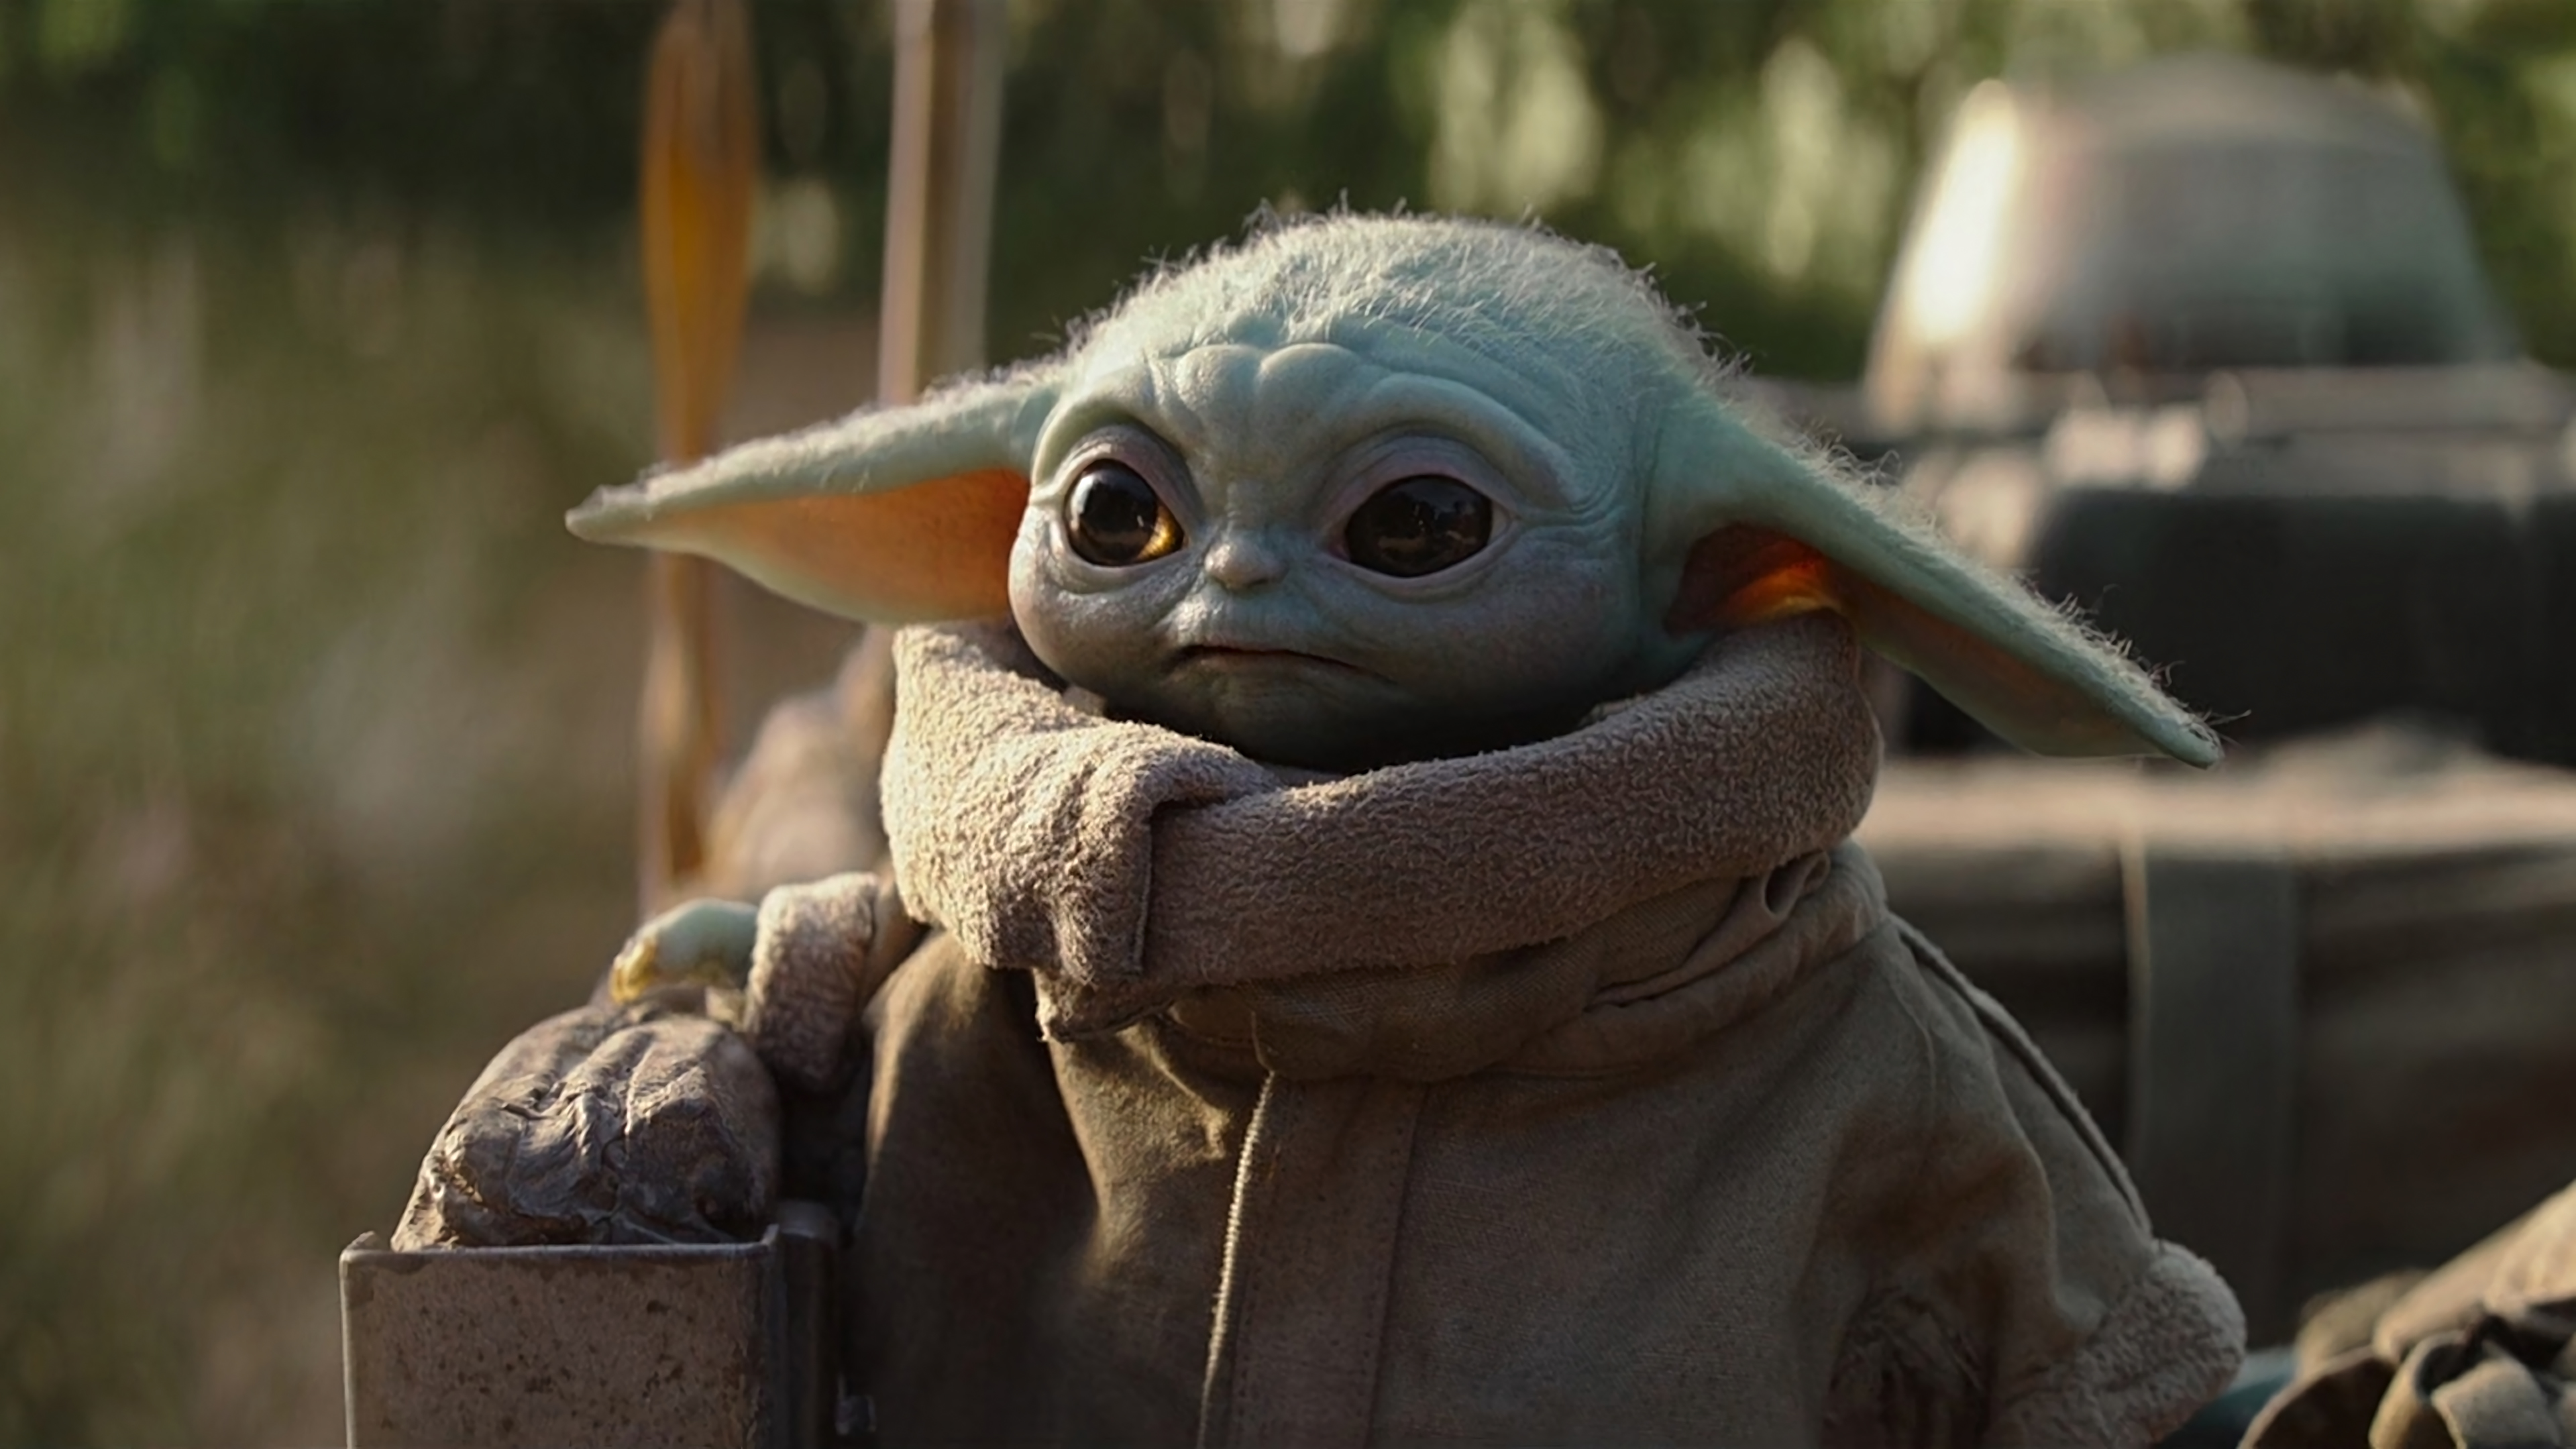 Fondos de pantalla Baby Yoda en El Mandaloriano